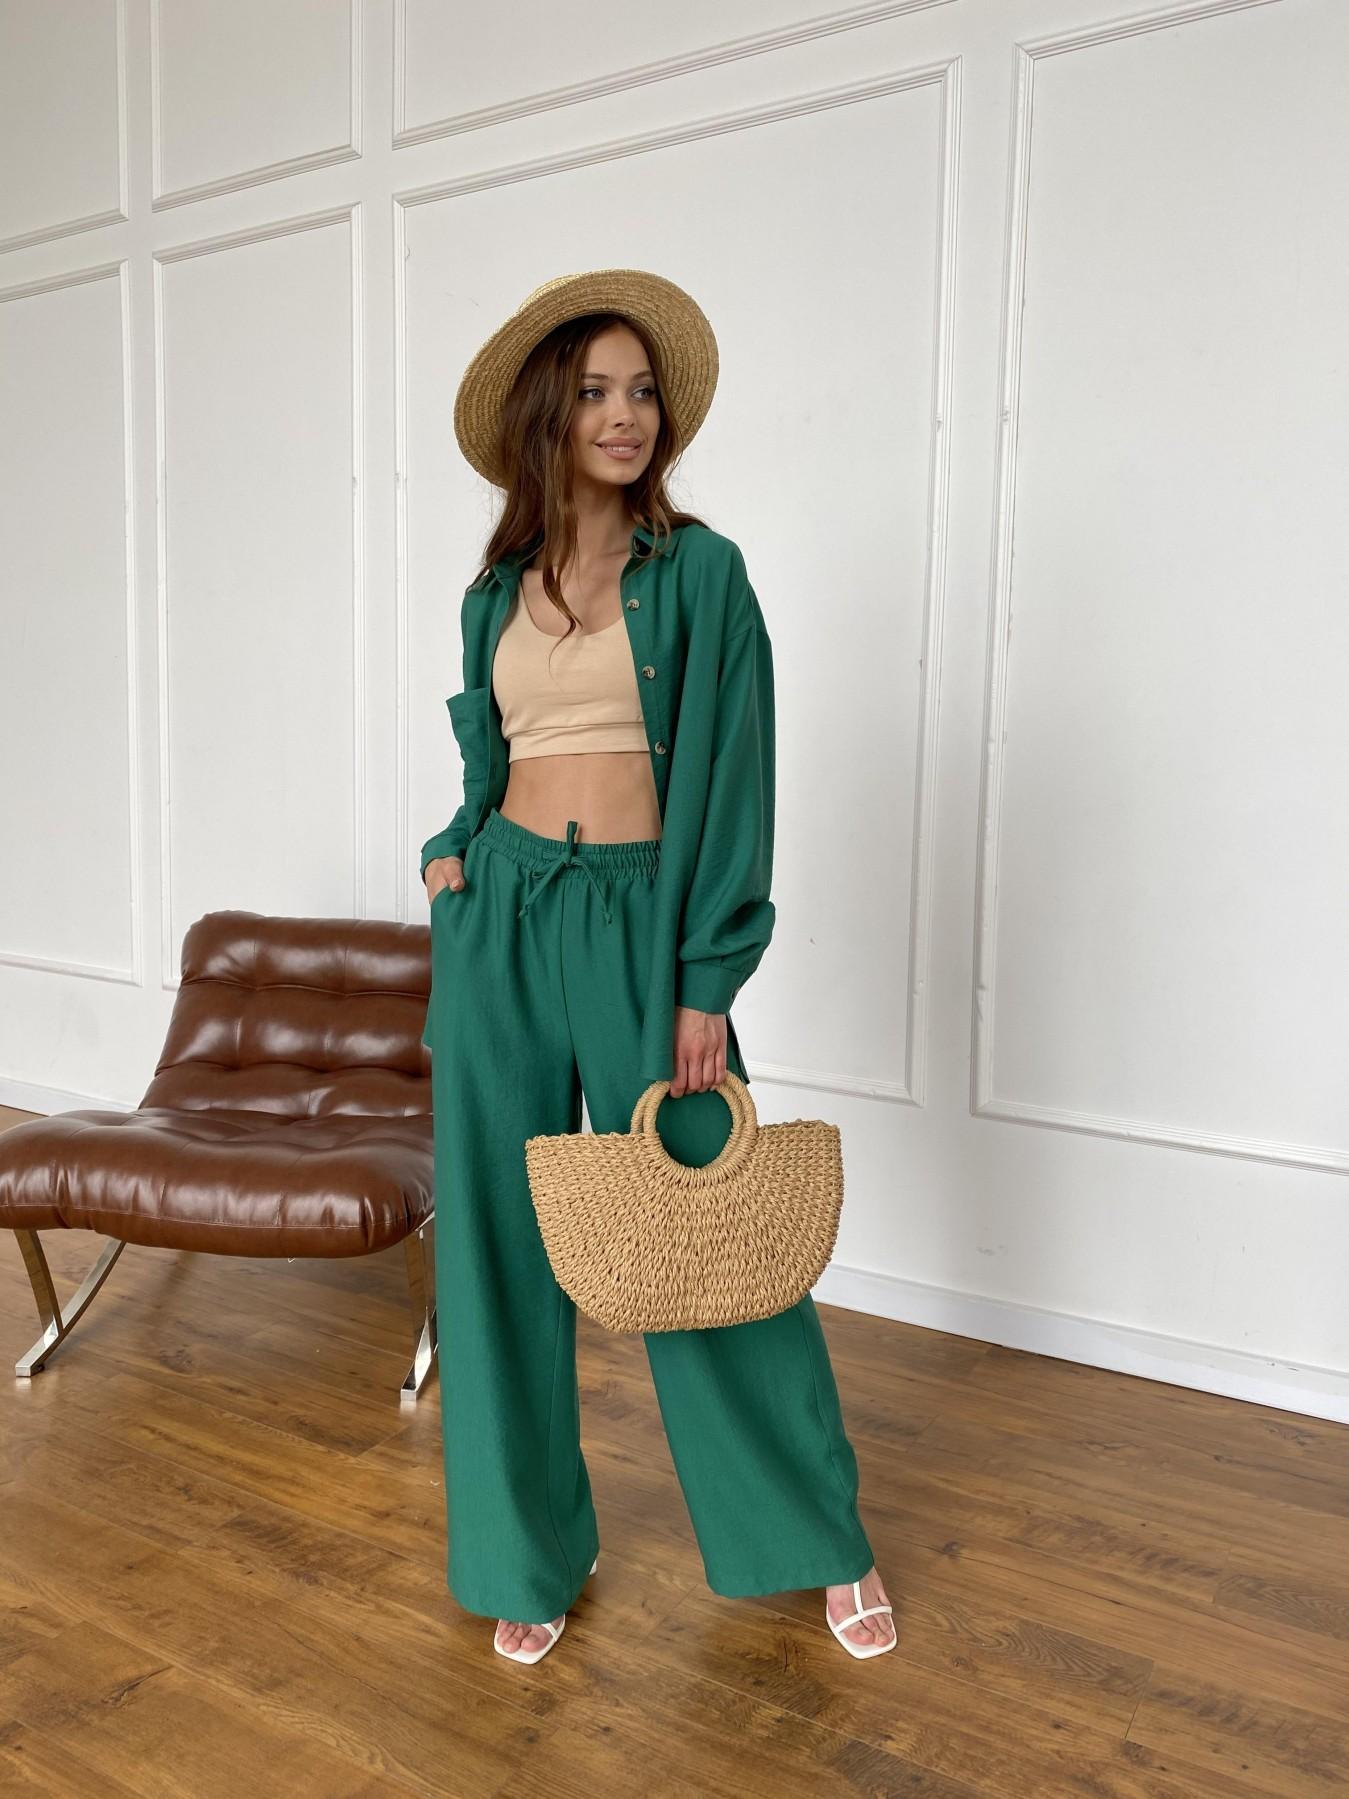 Дуэтто костюм из льна жатка не стрейч 11413 АРТ. 47961 Цвет: Зеленый - фото 4, интернет магазин tm-modus.ru